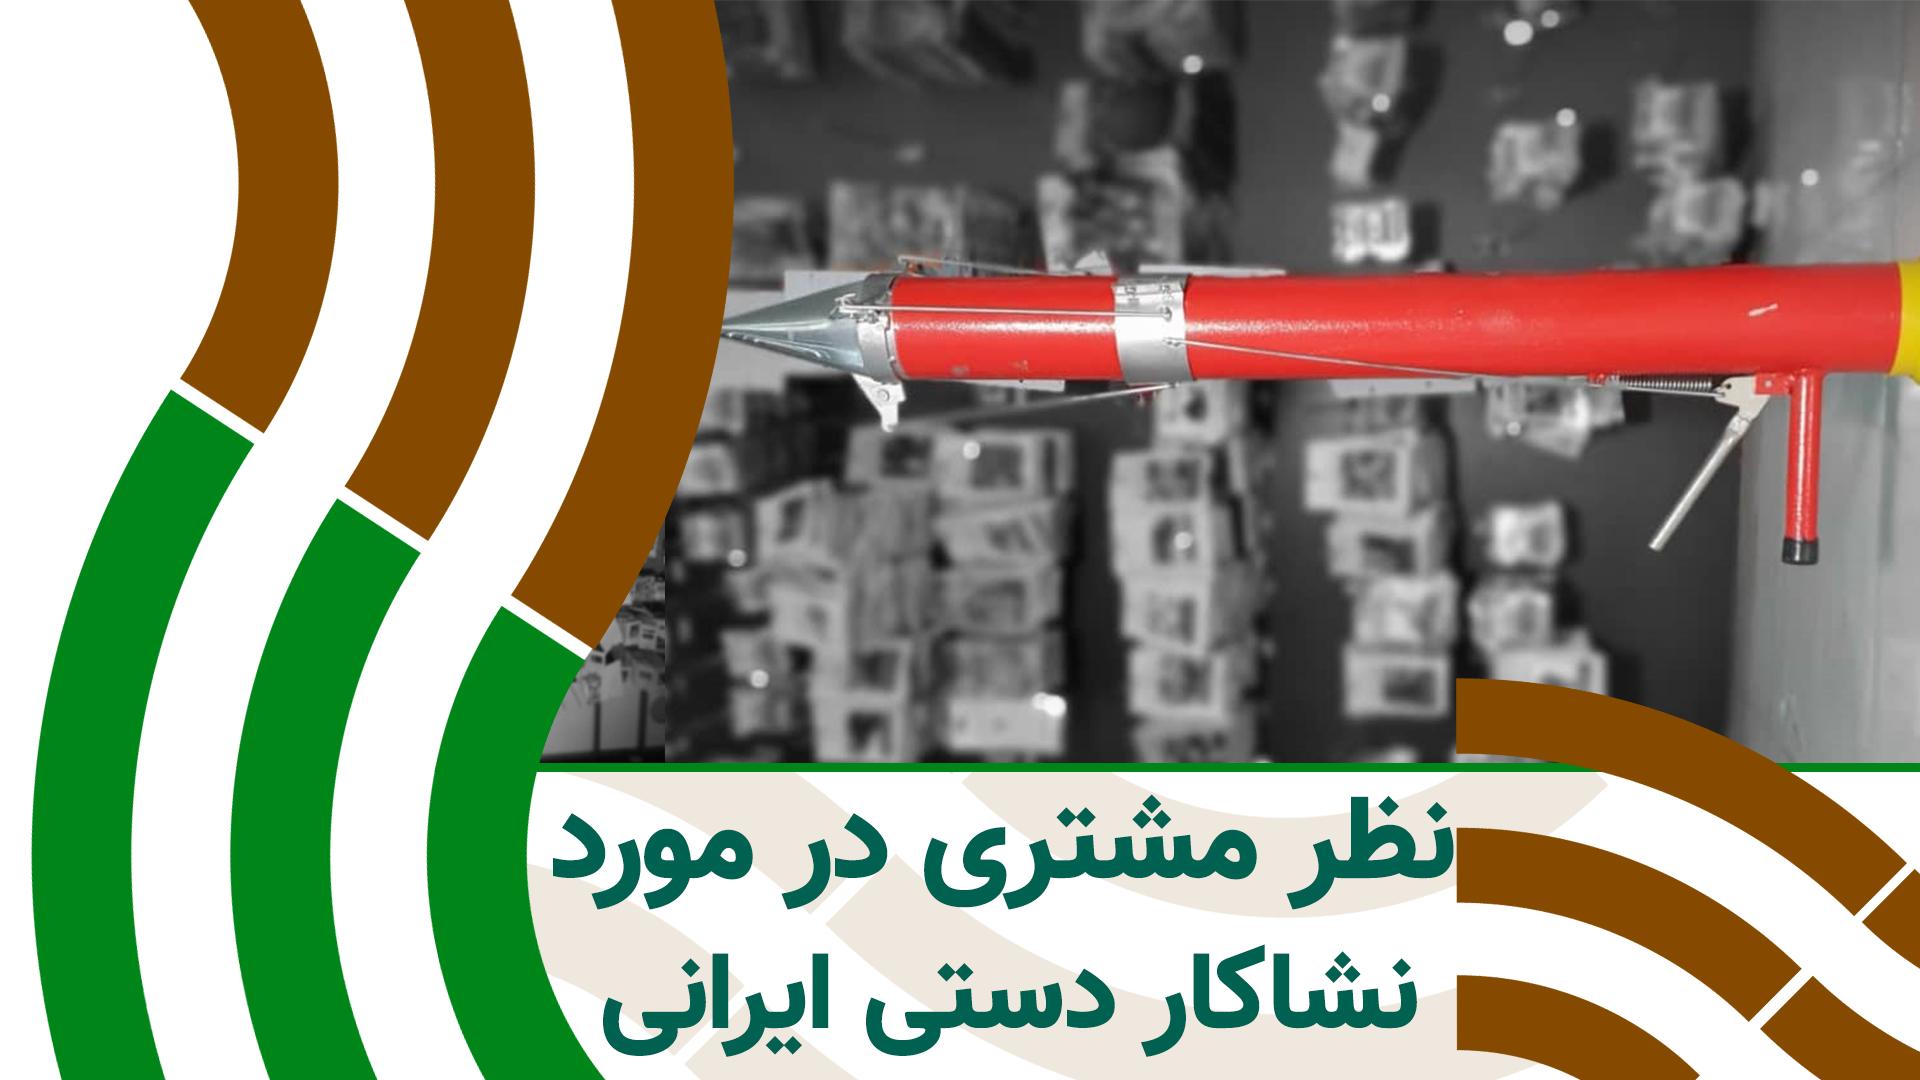 نظر کشاورز در رابطه با نشاکاردستی ایرانی